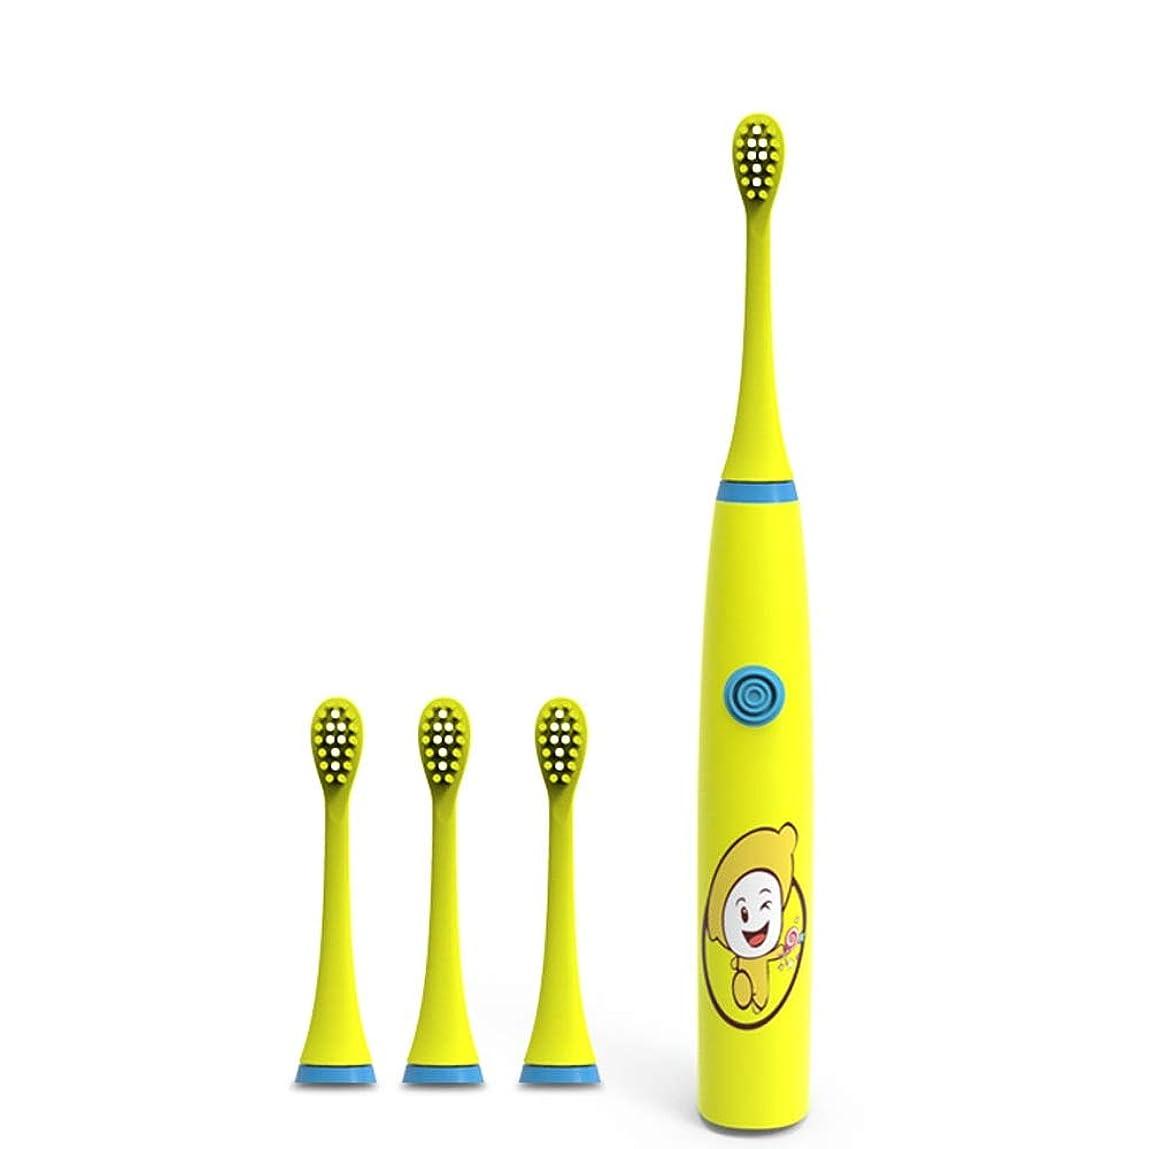 ホールド枢機卿本物電動歯ブラシ 子供の電動歯ブラシ防水USB充電ベースの柔らかい髪のきれいなかわいい歯ブラシ (色 : 黄, サイズ : Free size)